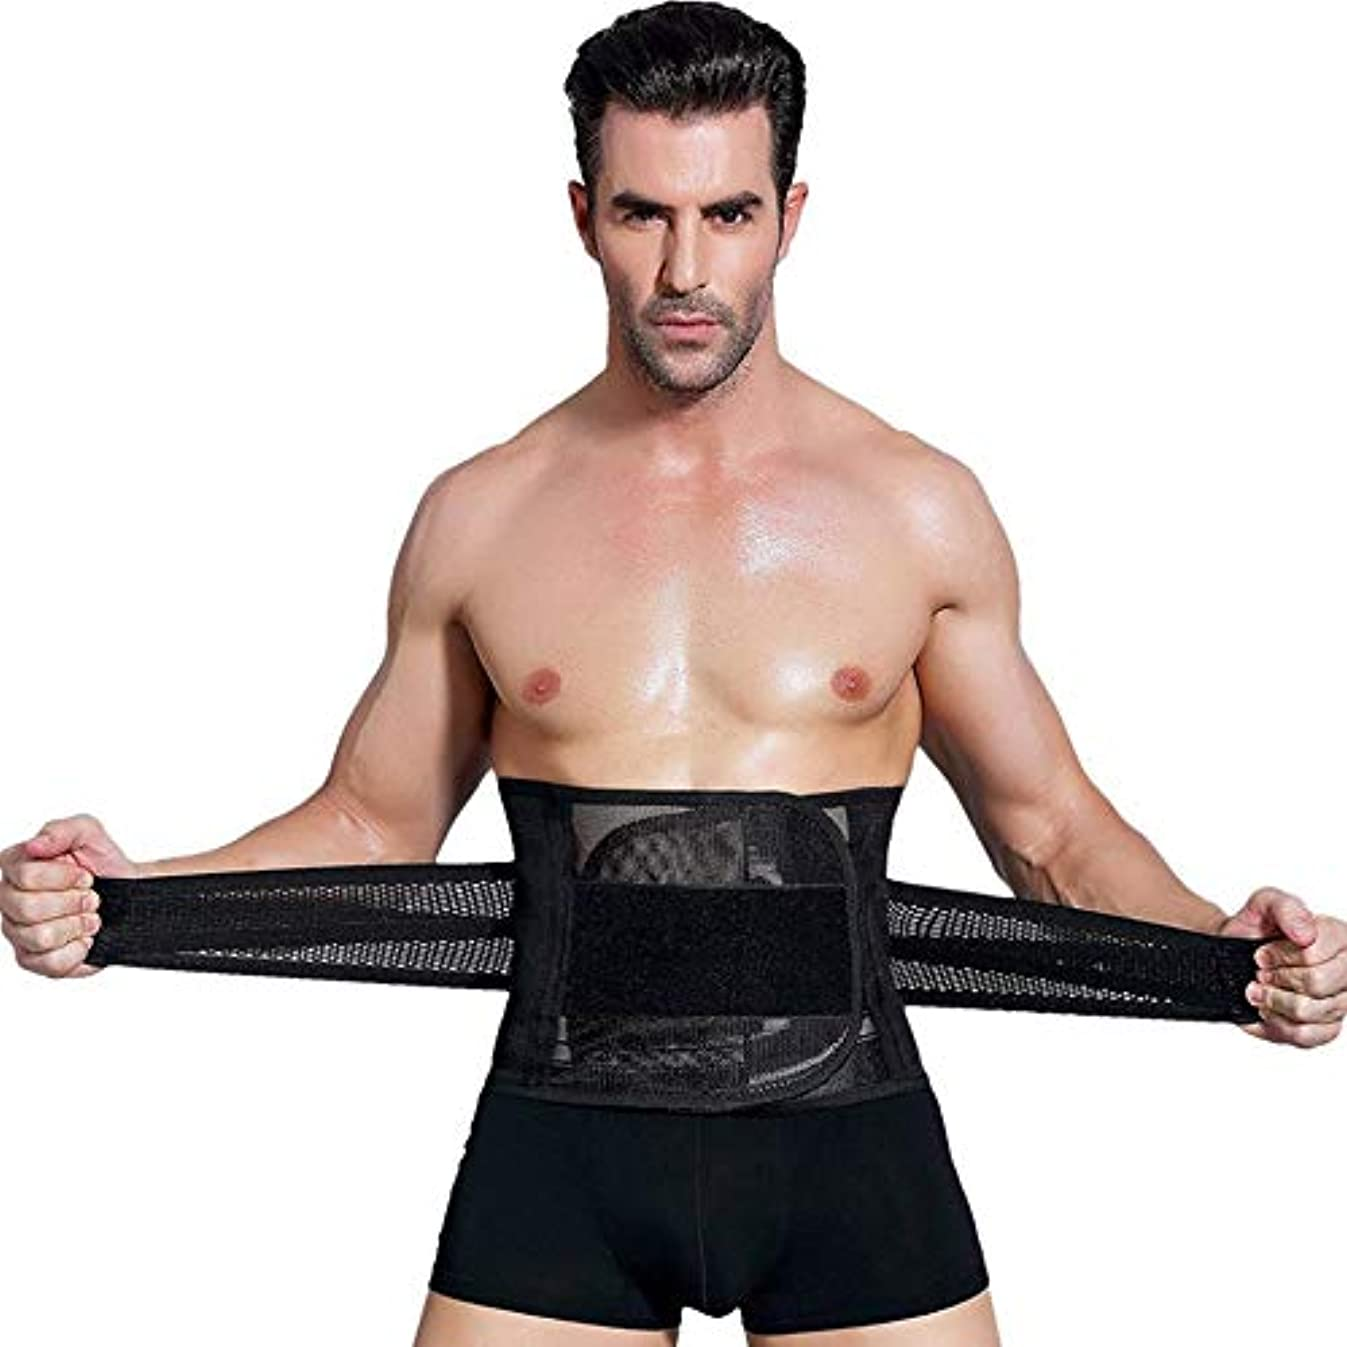 眩惑する厚い拮抗男性ボディシェイパーコルセット腹部おなかコントロールウエストトレーナーニッパー脂肪燃焼ガードル痩身腹ベルト用男性 - ブラックXXL